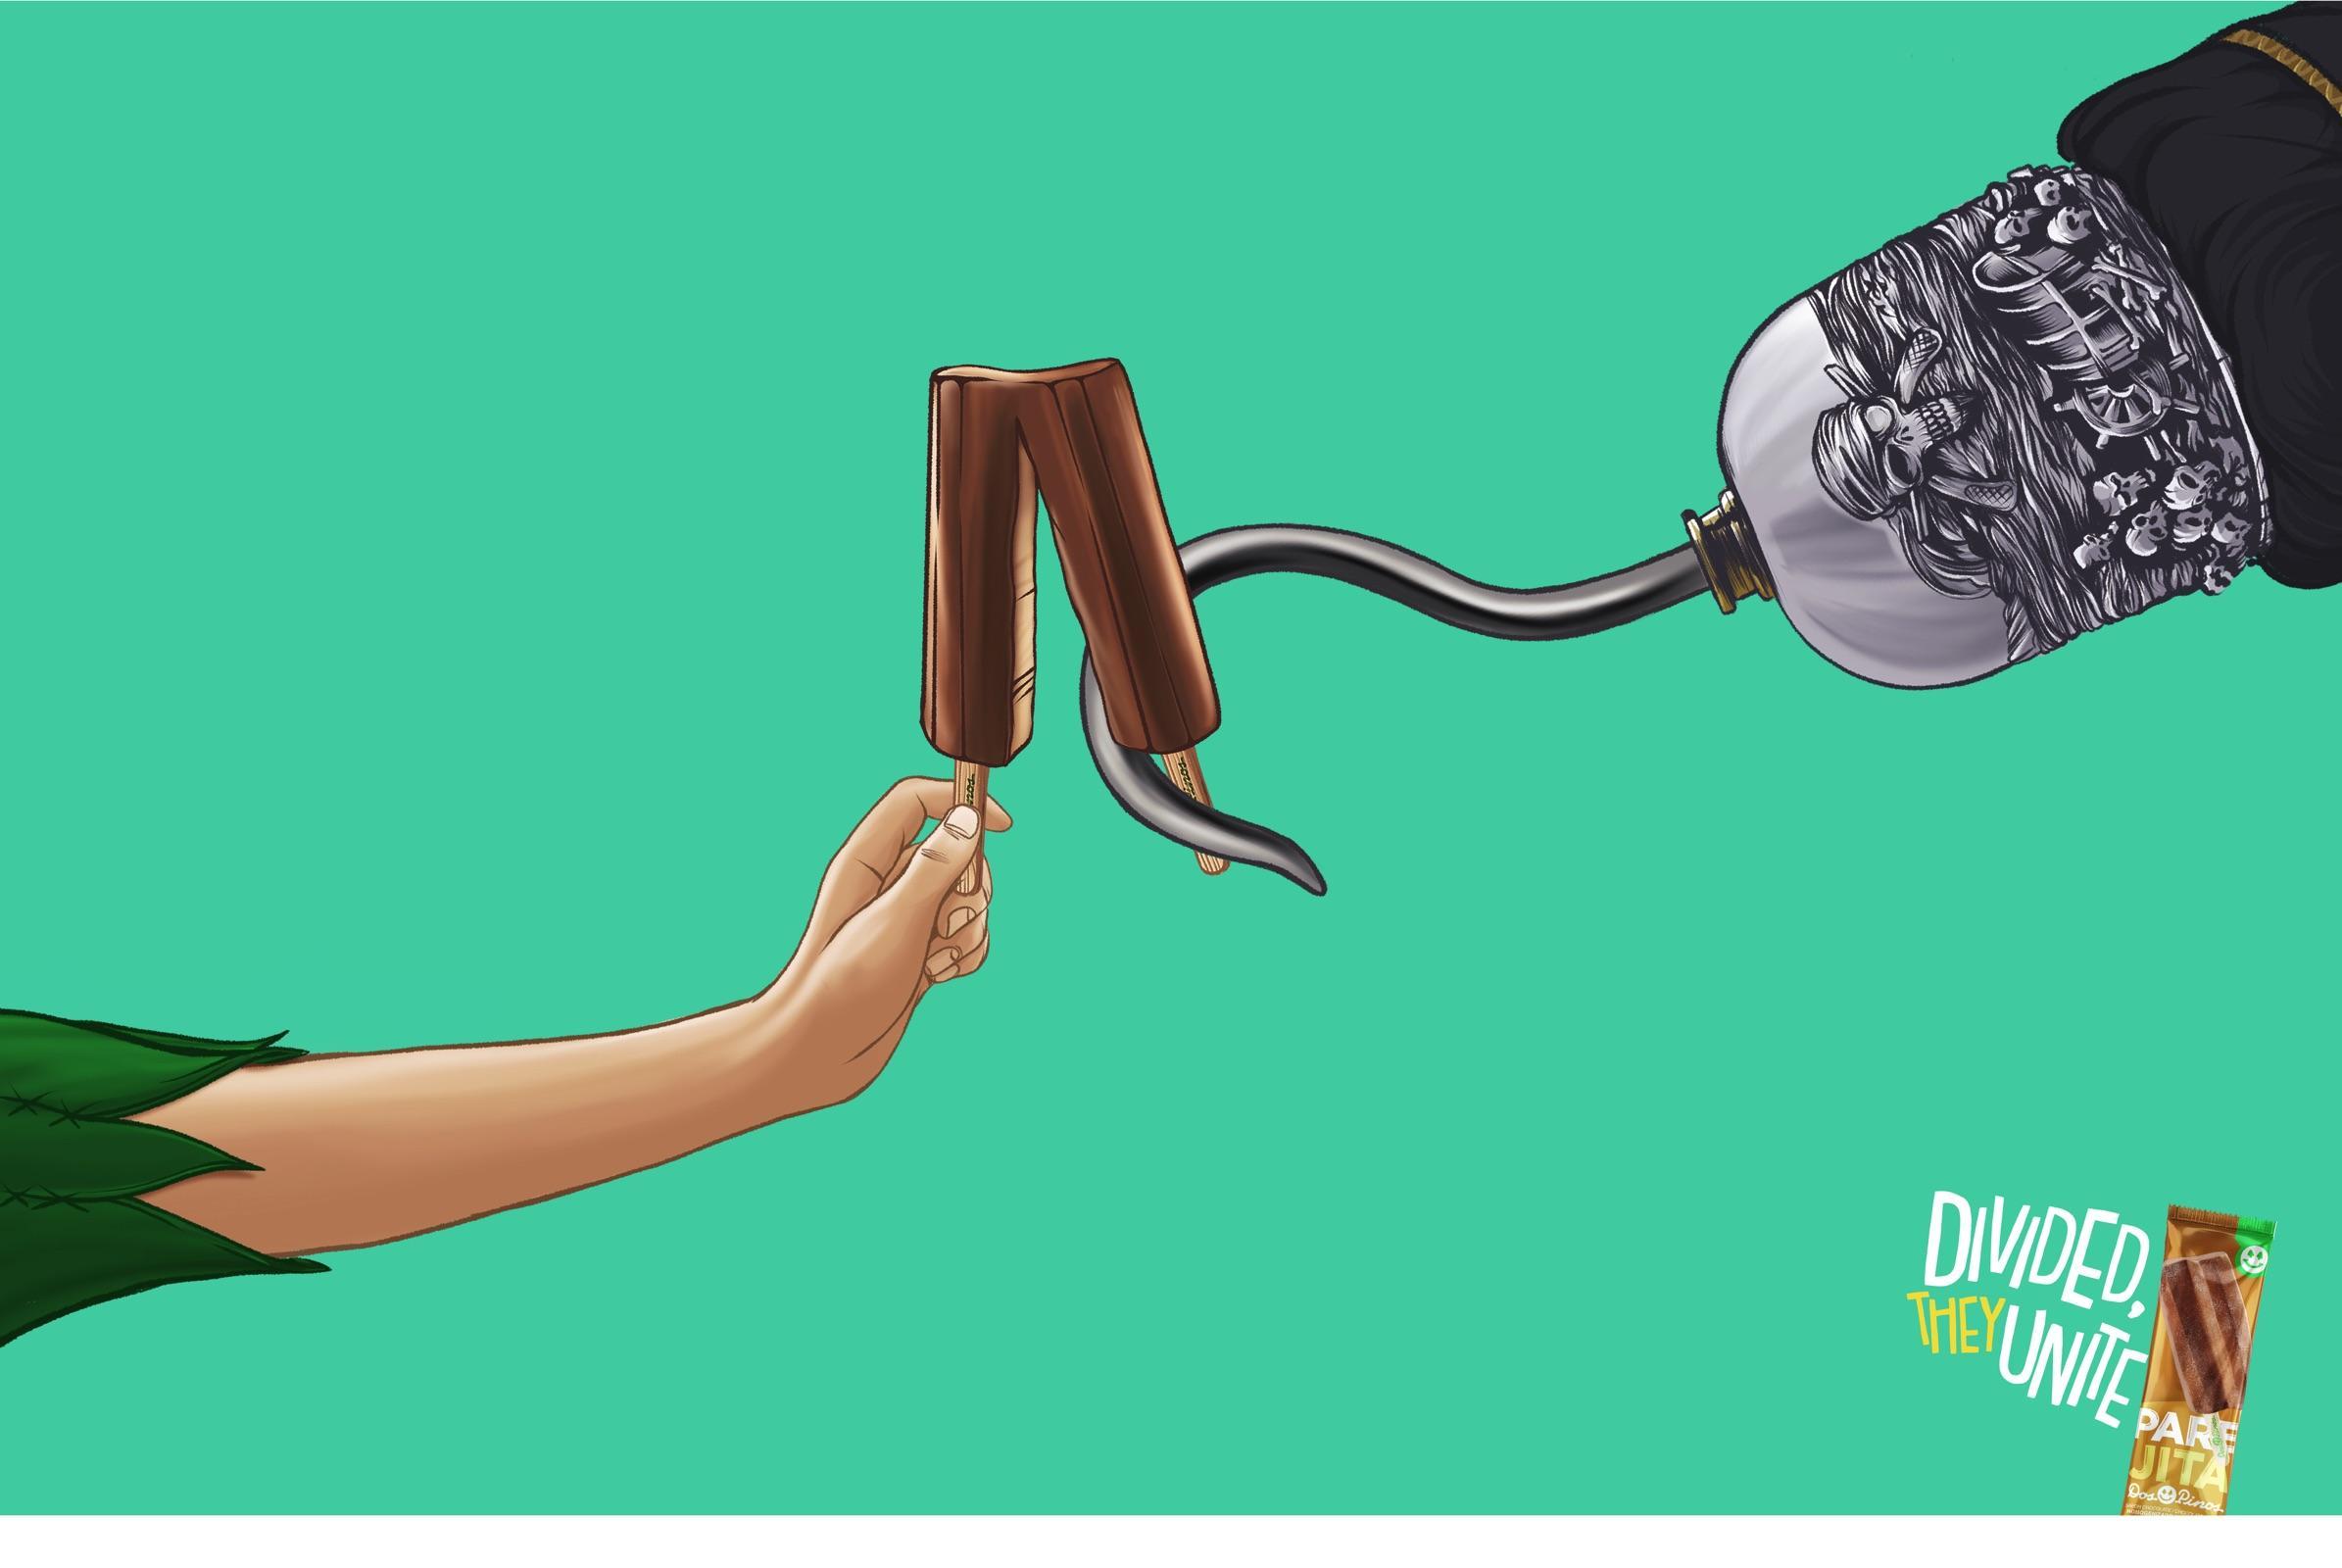 Dos Pinos Print Ad - Parejita Ice Cream, 1